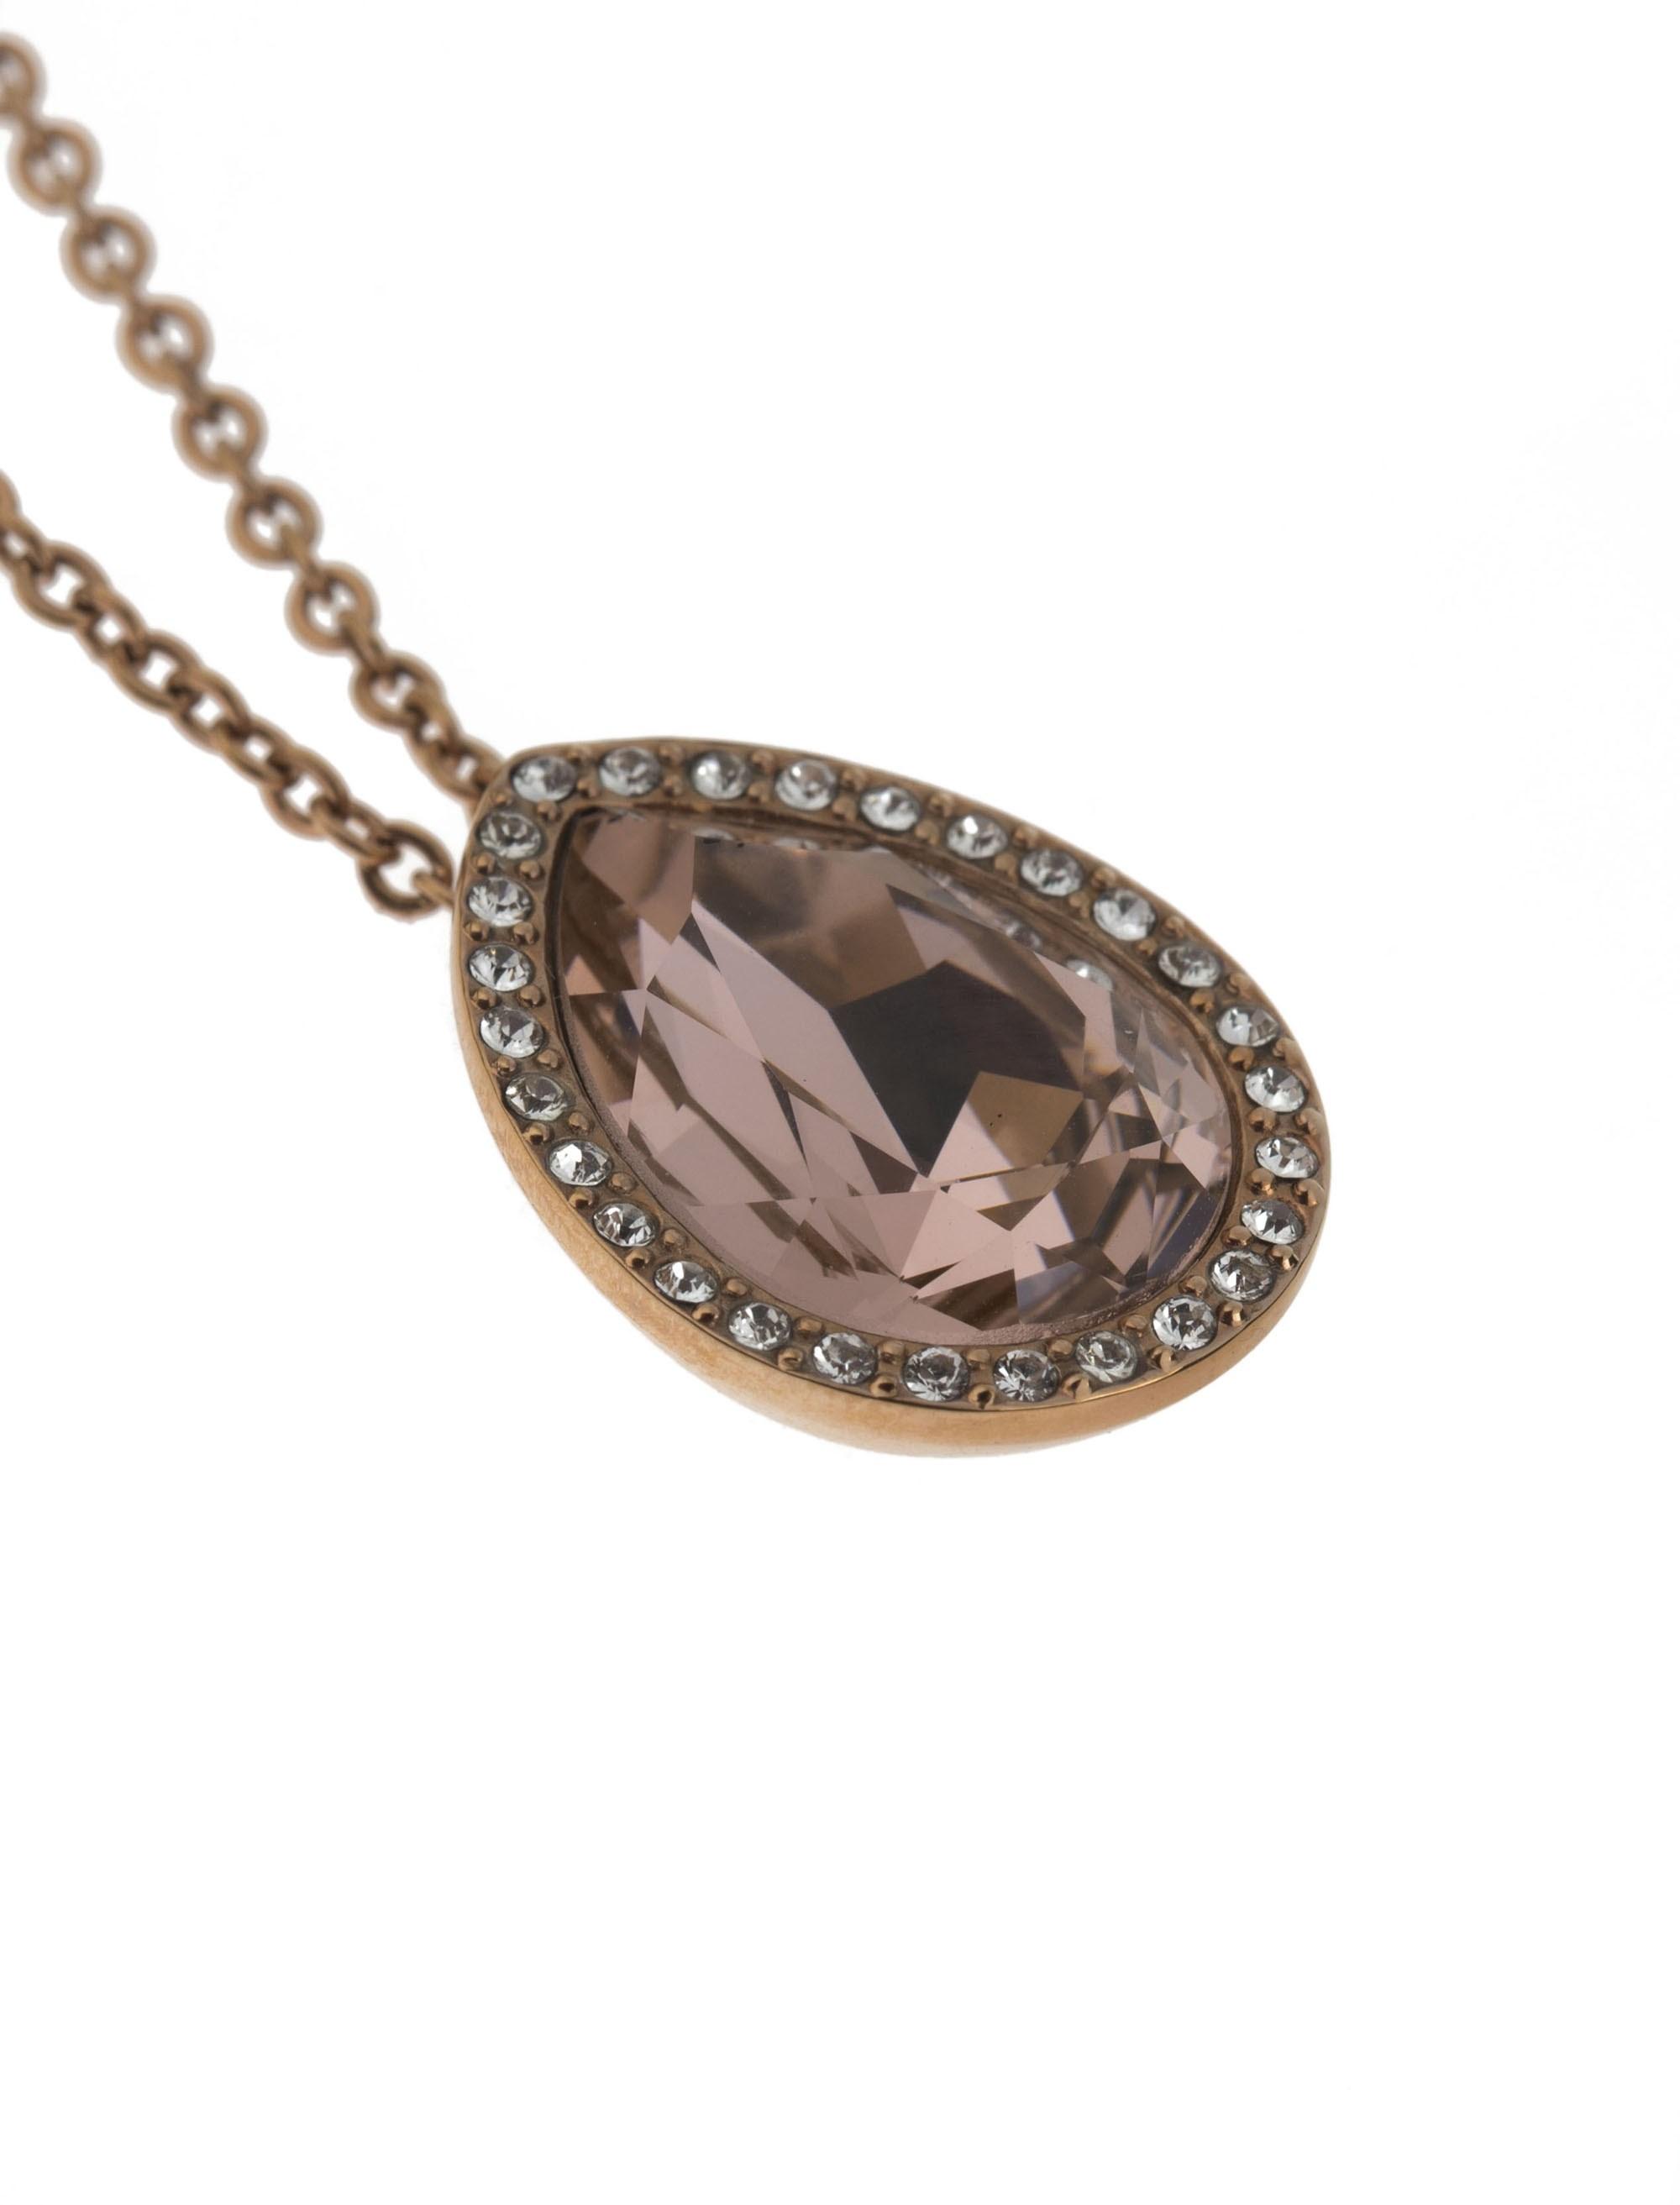 گردنبند آویز استیل زنانه - برازوی